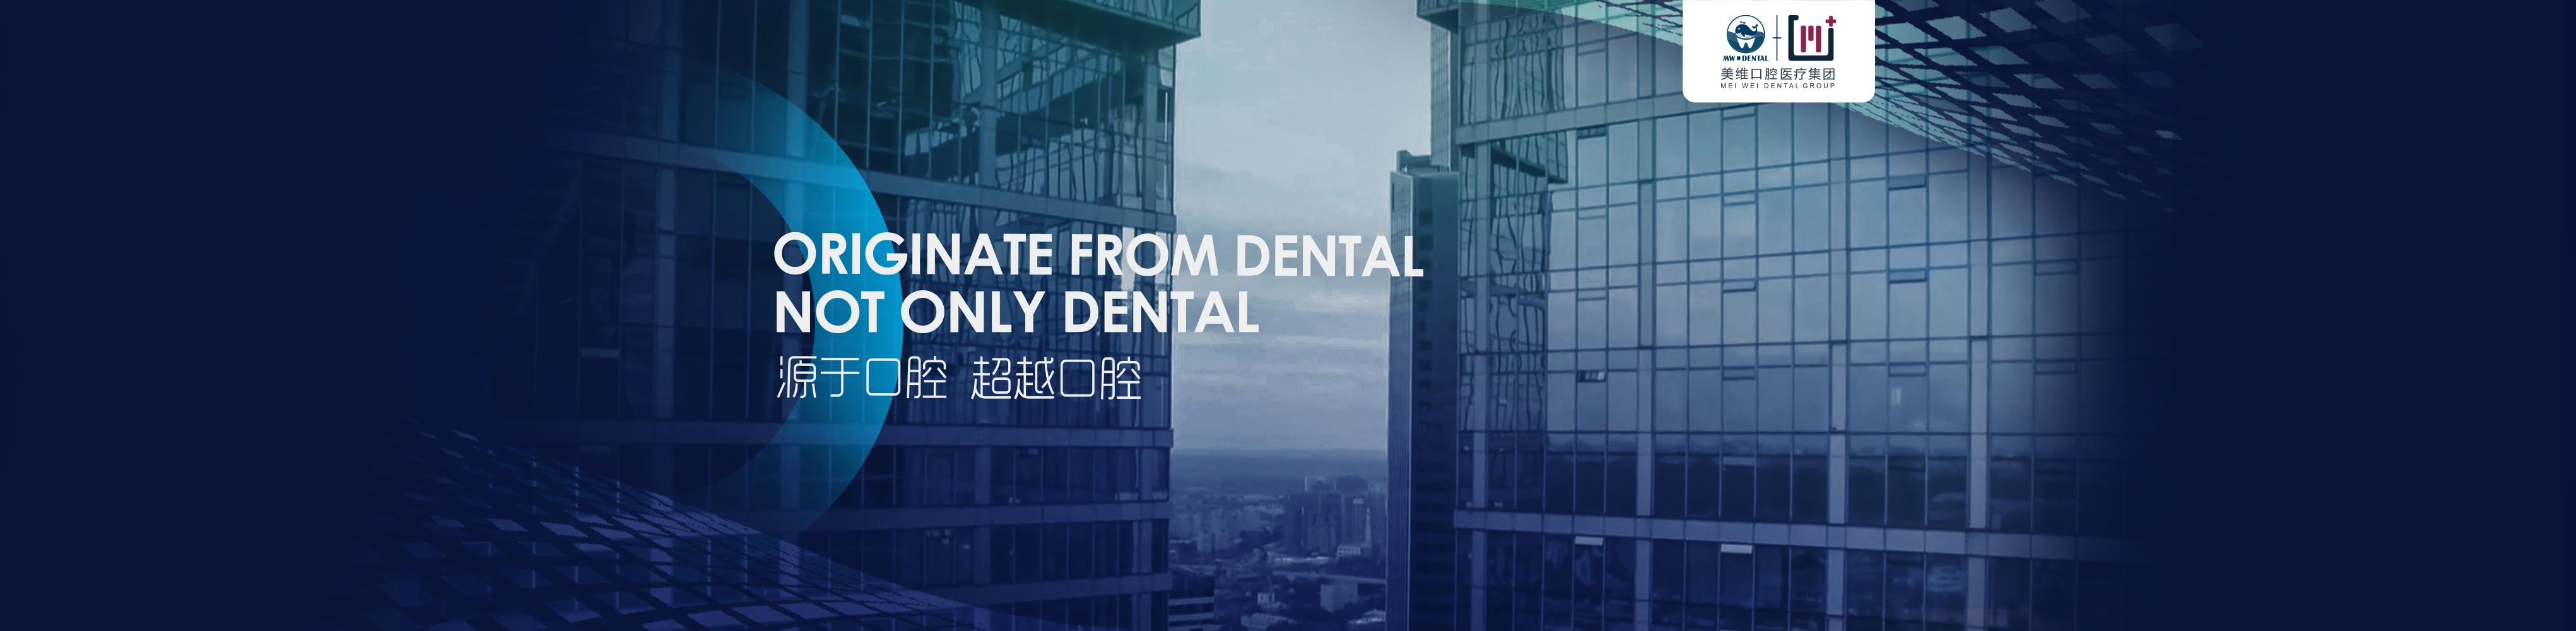 上海美维口腔医疗管理集团